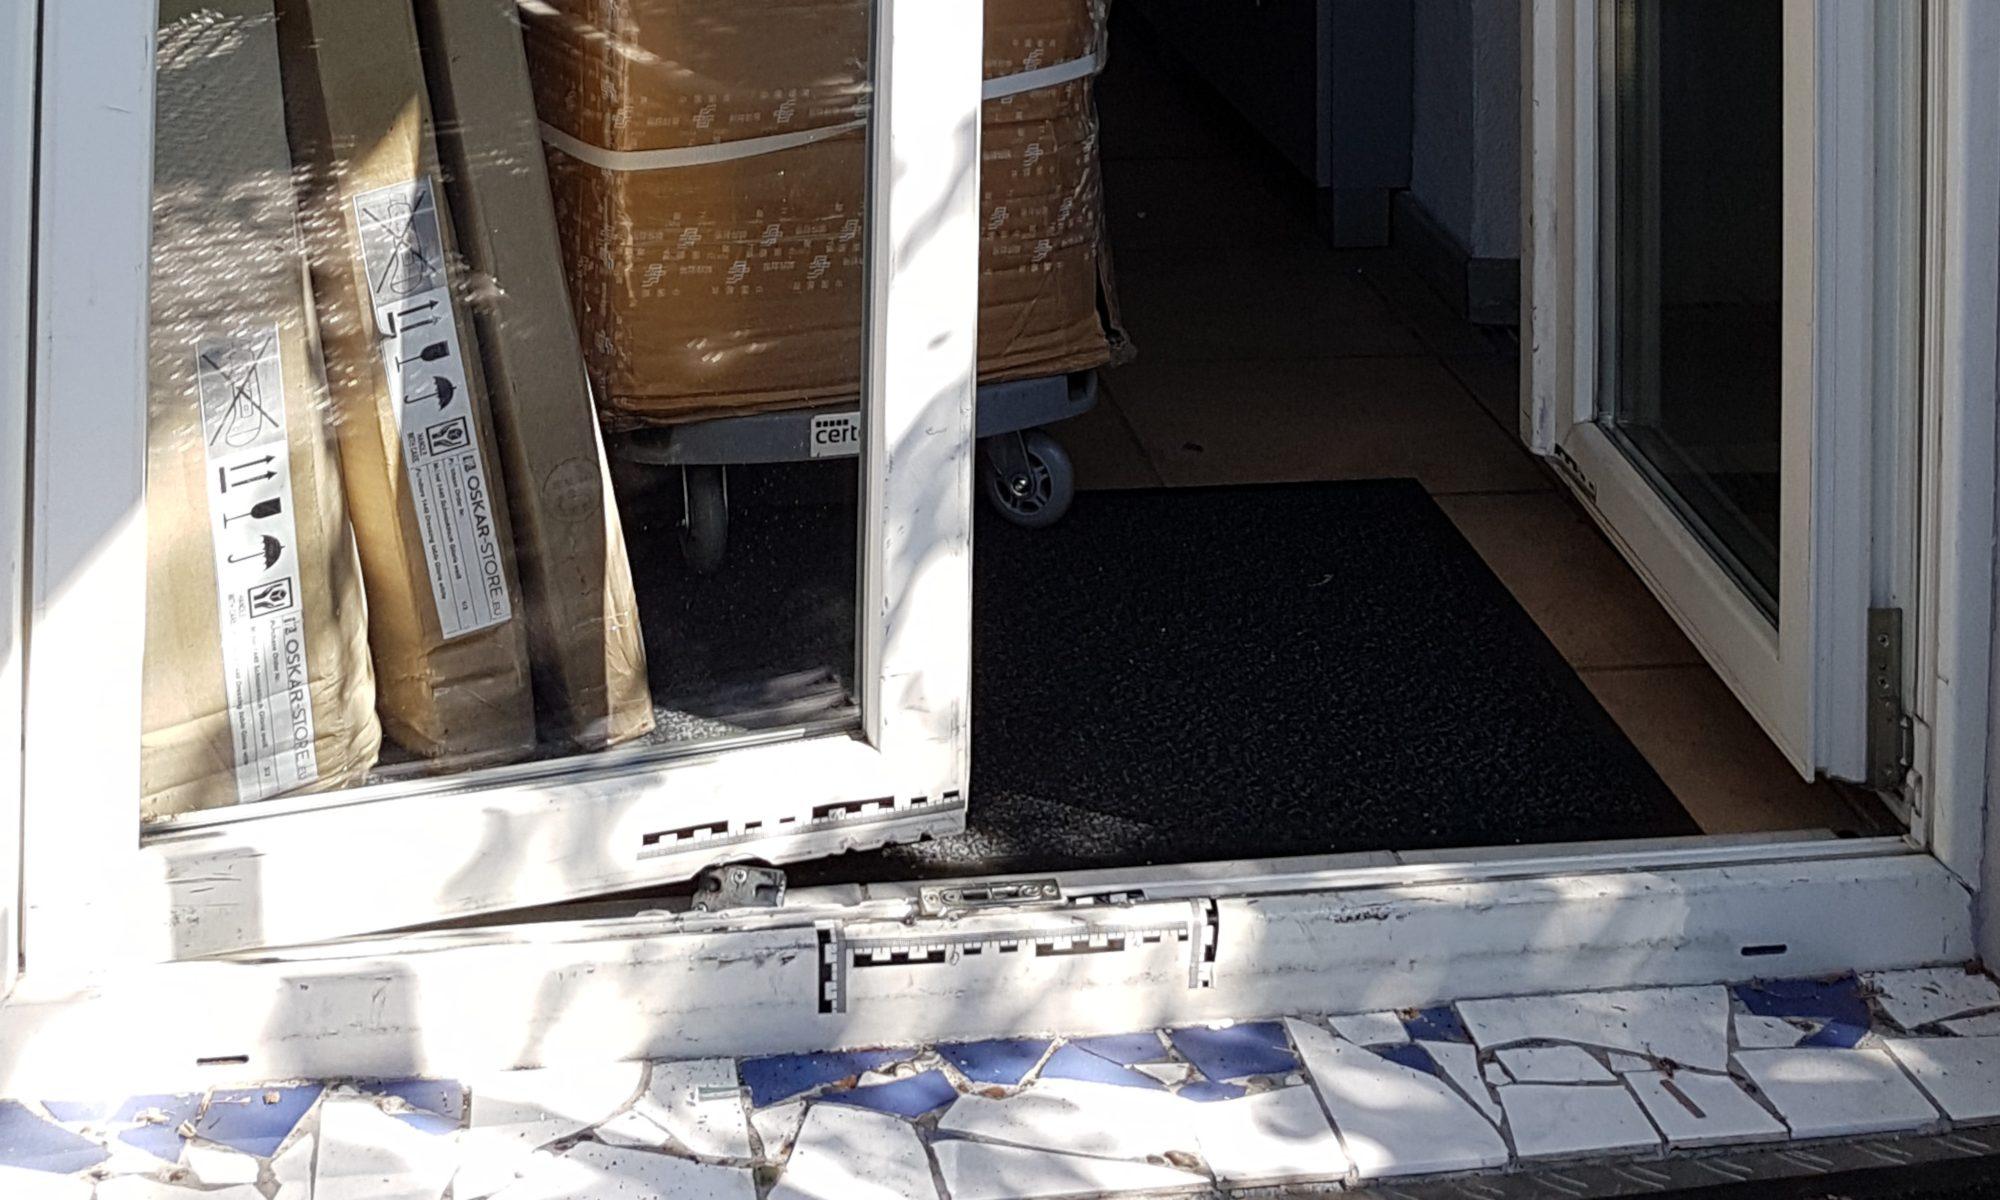 Einbruch - Aufnahme Schaden Balkontür, Pakete usw durch Polizei und Spurensicherung - miradlo-Versanddepot Konstanz